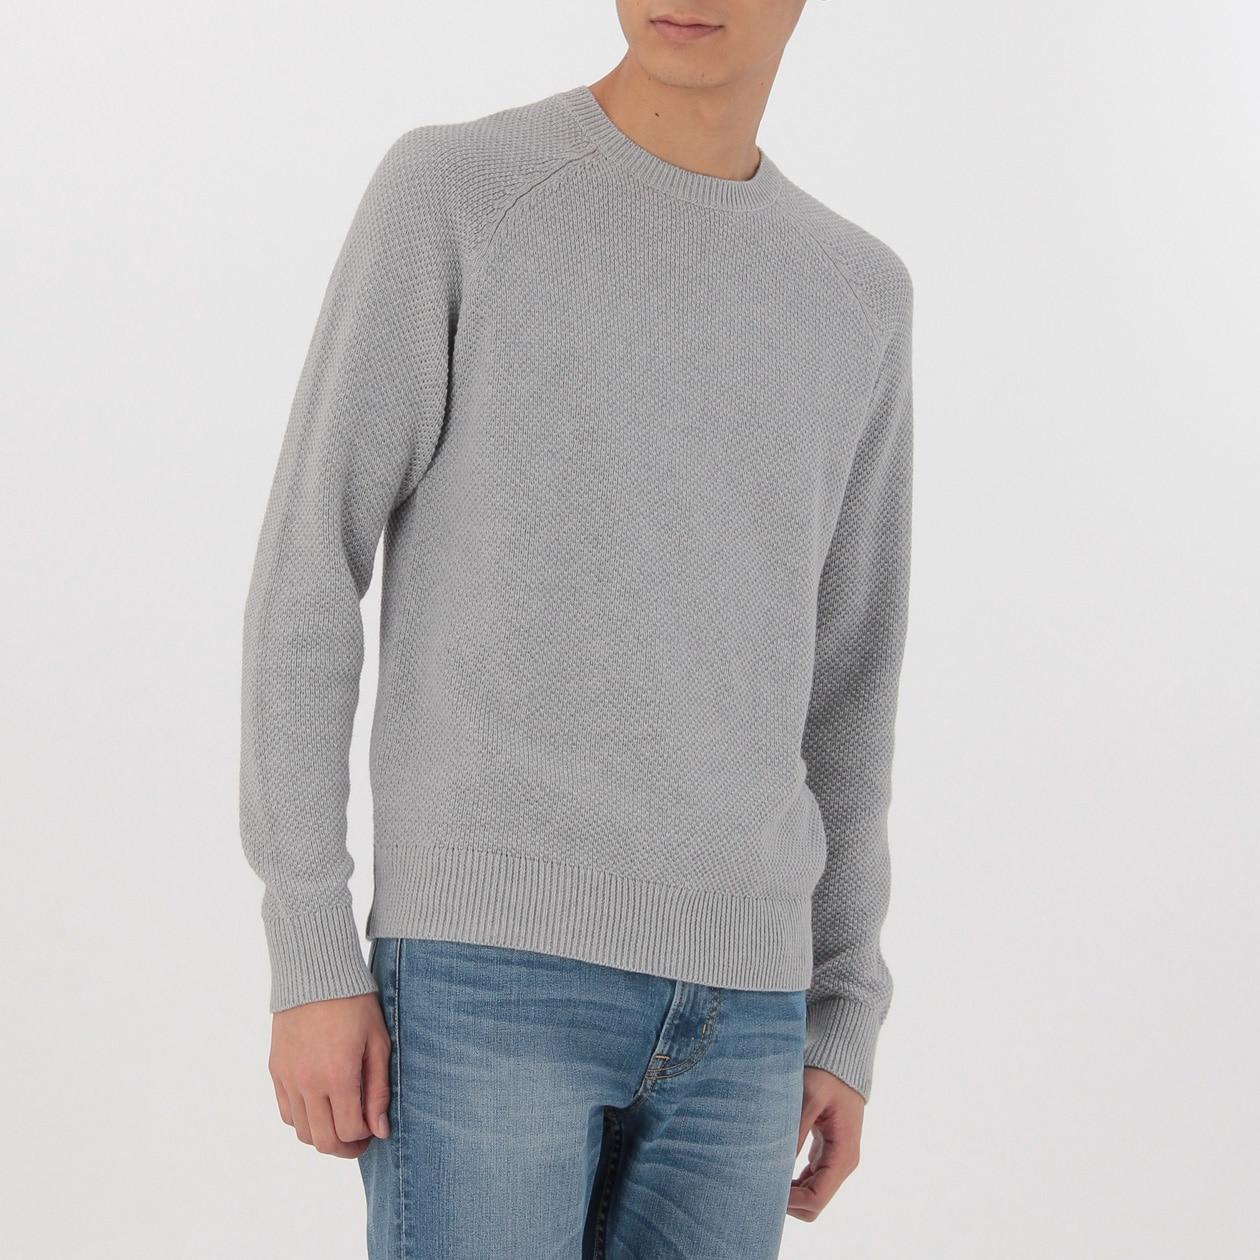 オーガニックコットン鹿の子編みクルーネックセーター